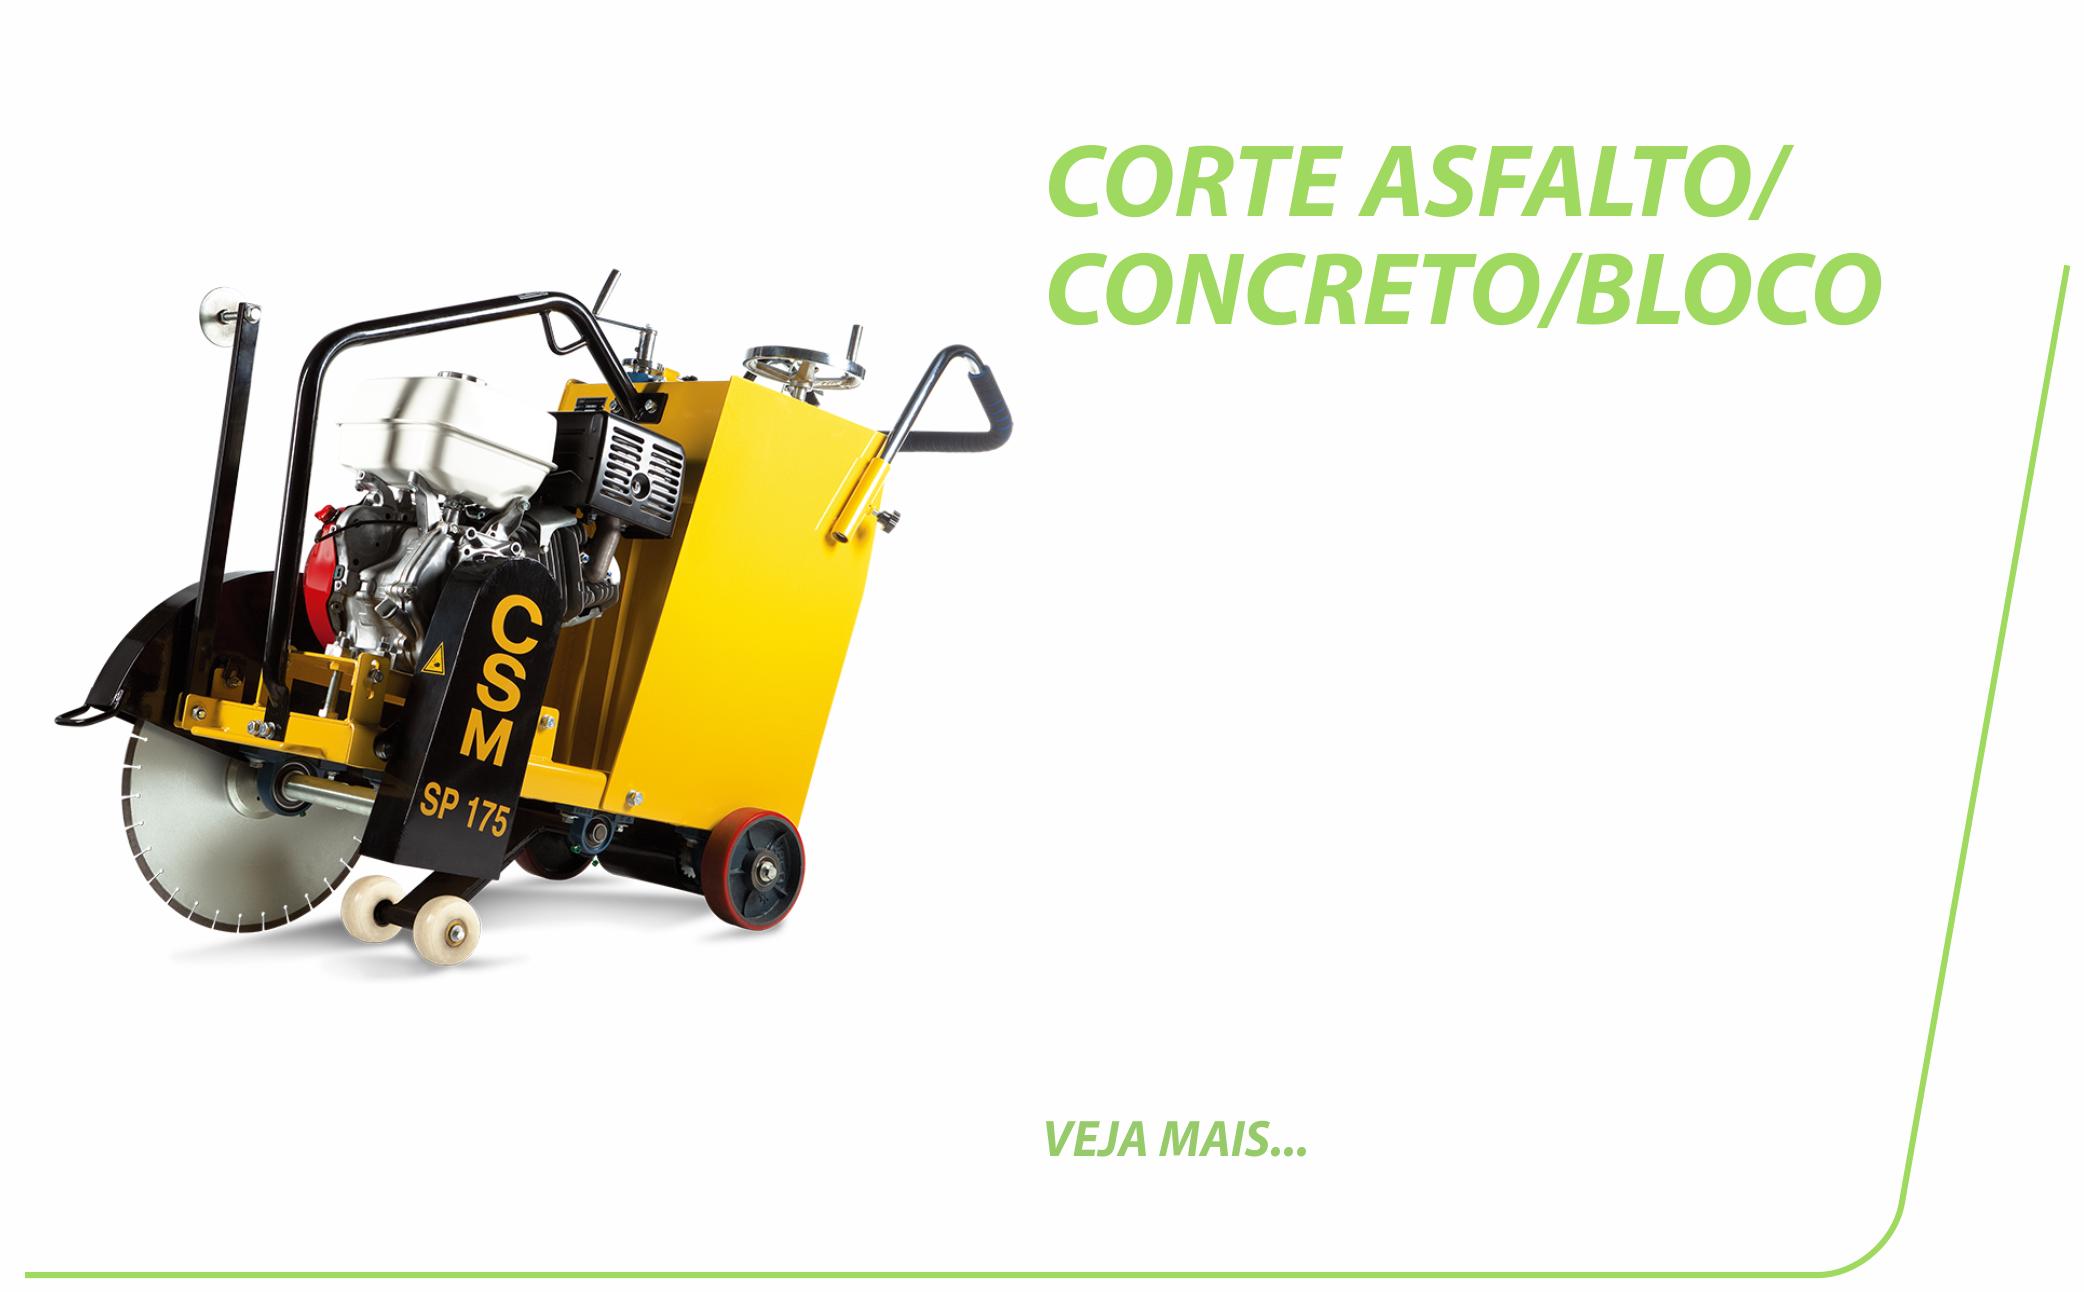 Corte Asfalto/Concreto/Bloco